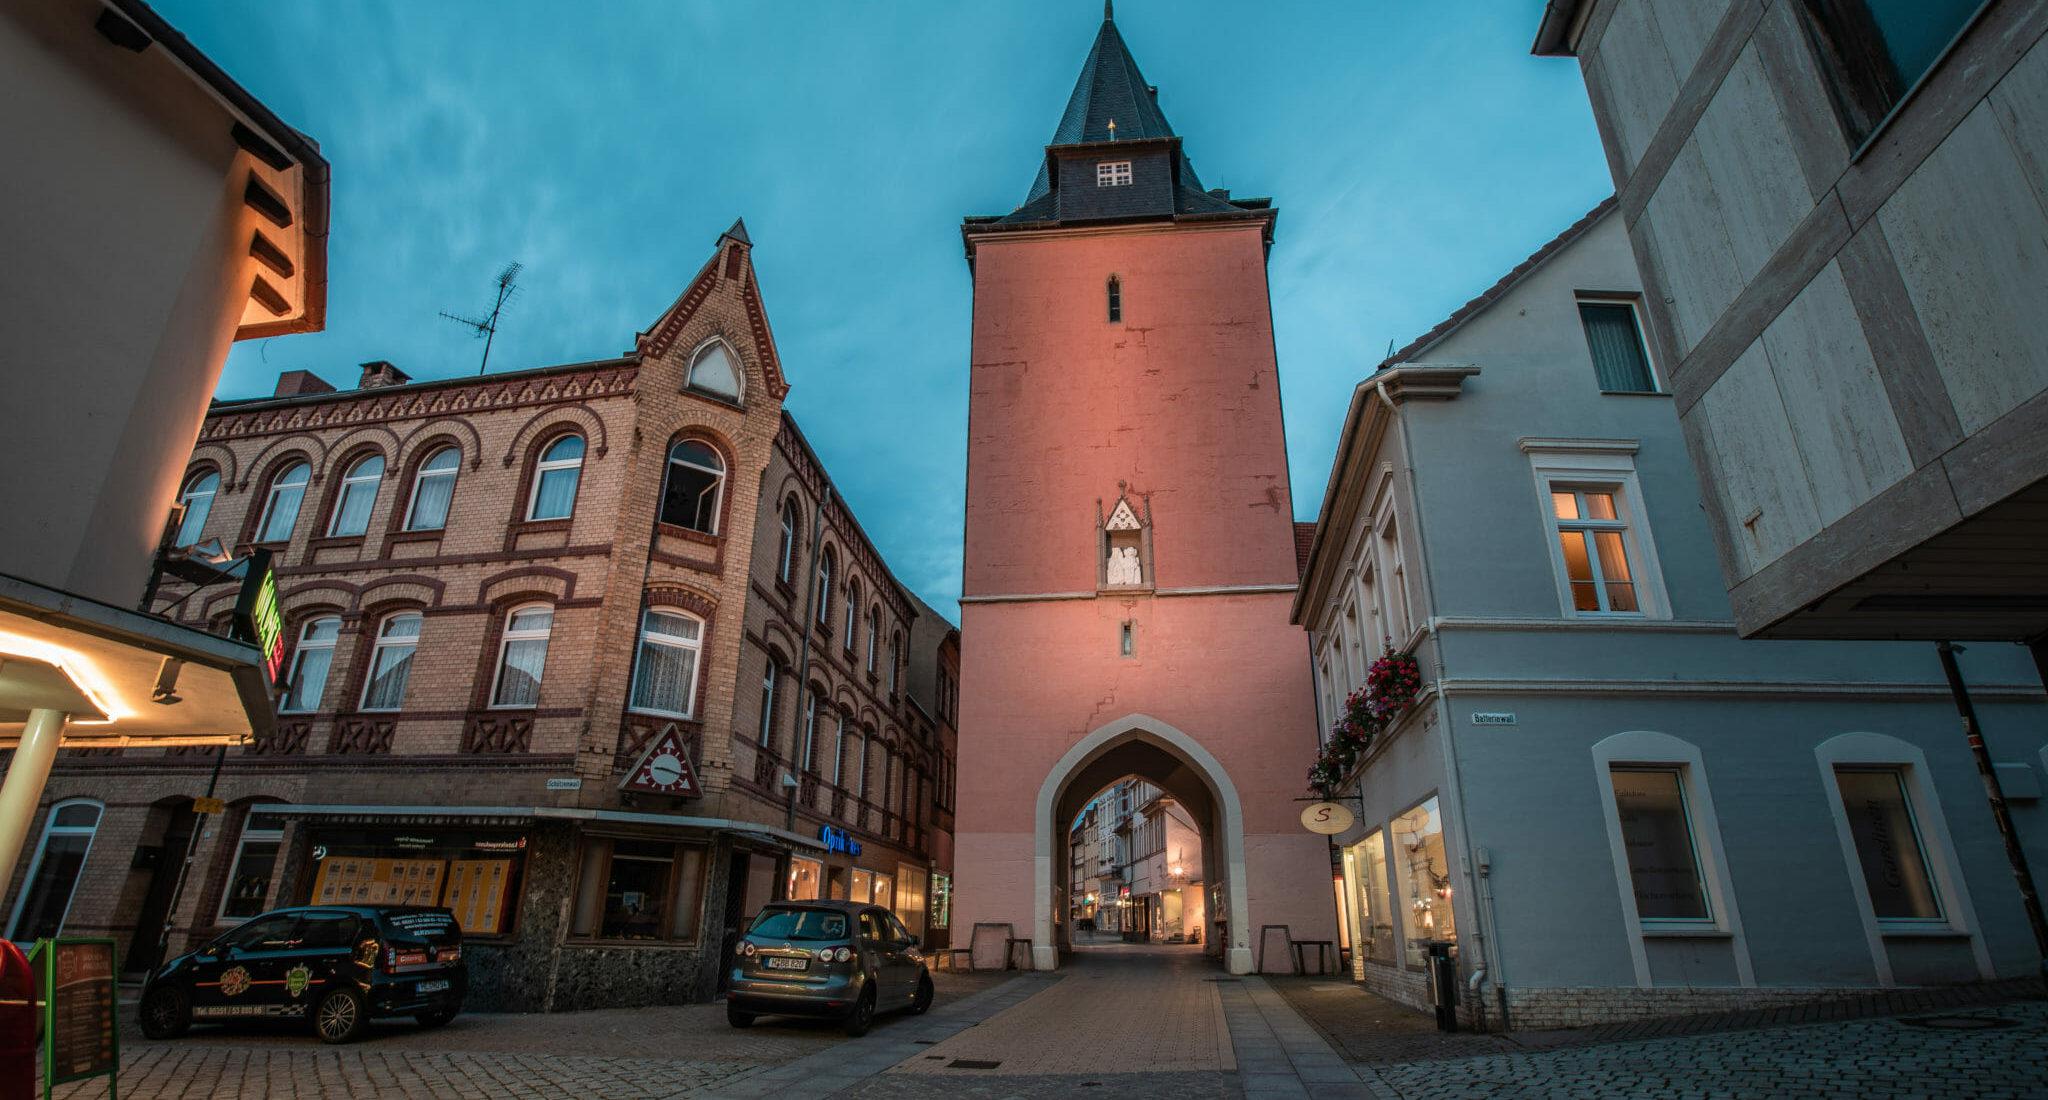 Hausmannsturm Helmstedt